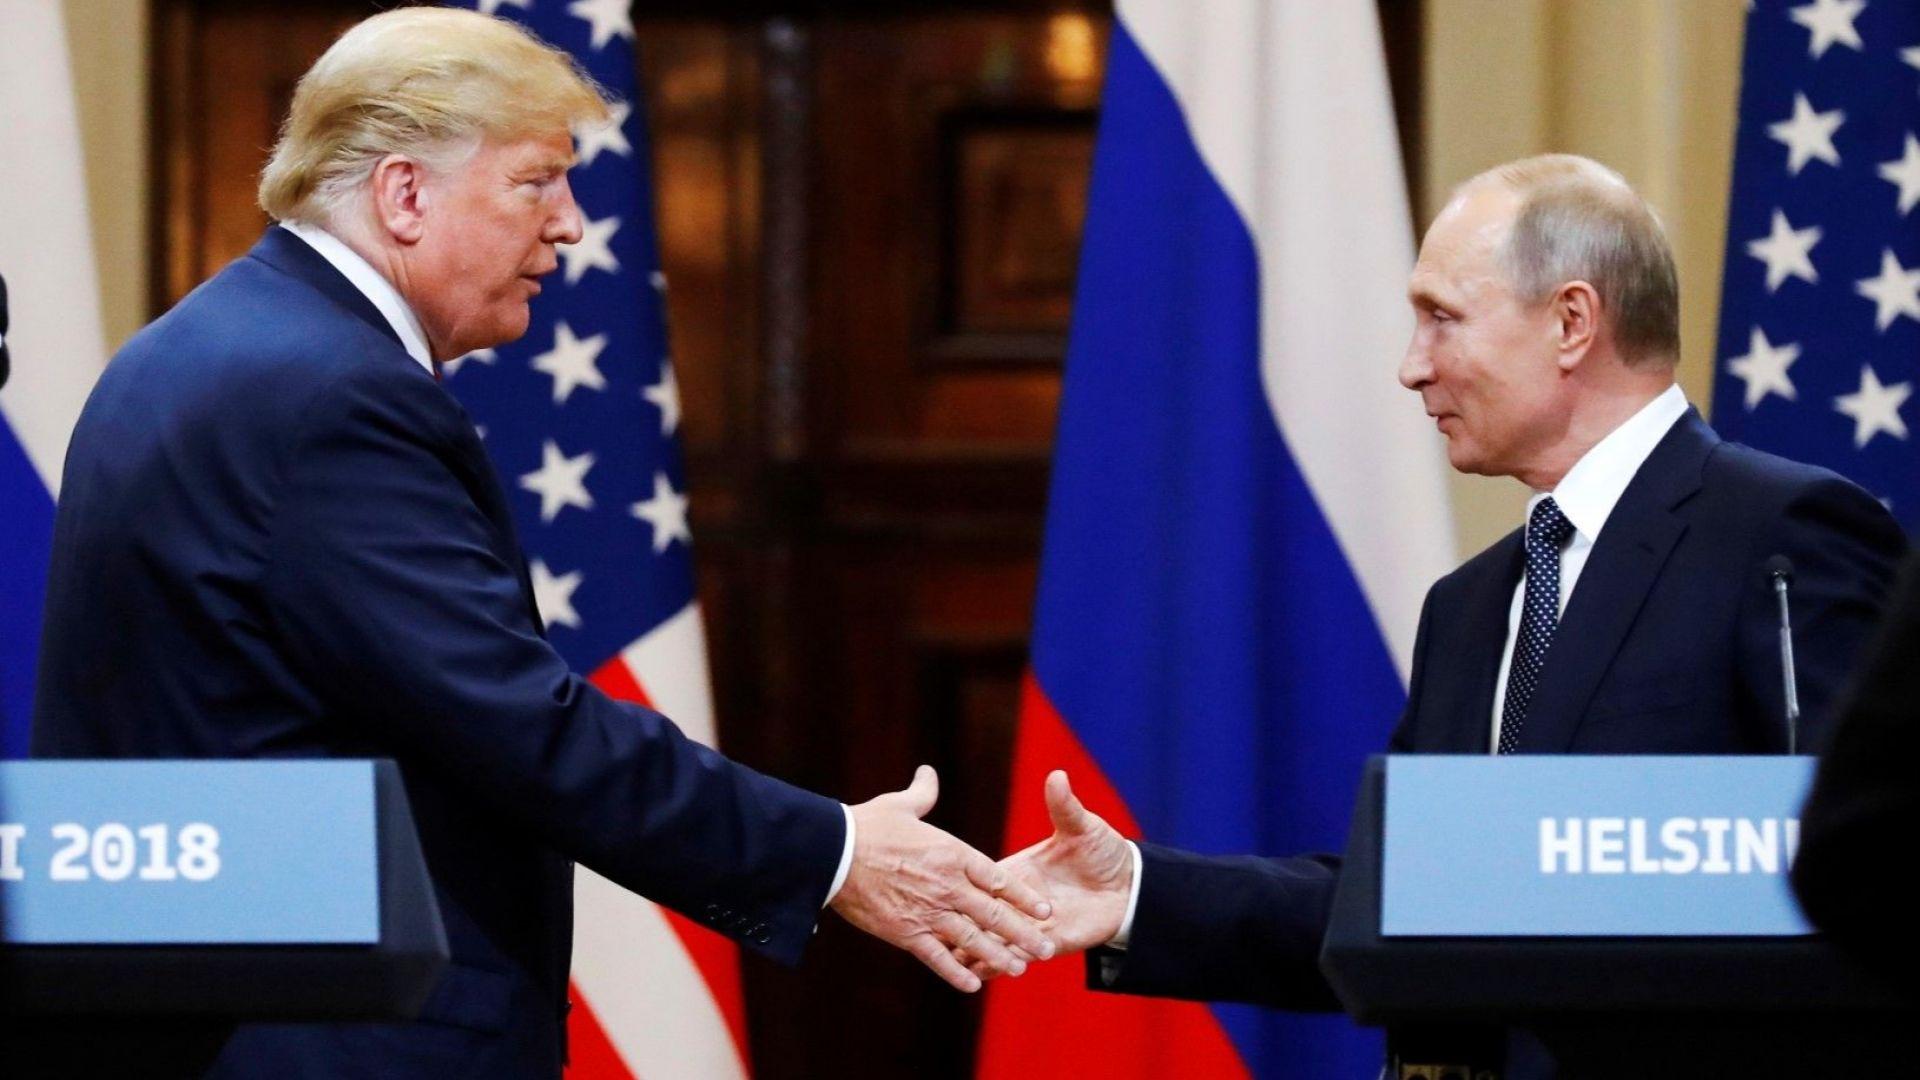 Путин и Тръмп обсъдиха иранската програма, коронавируса и икономиката